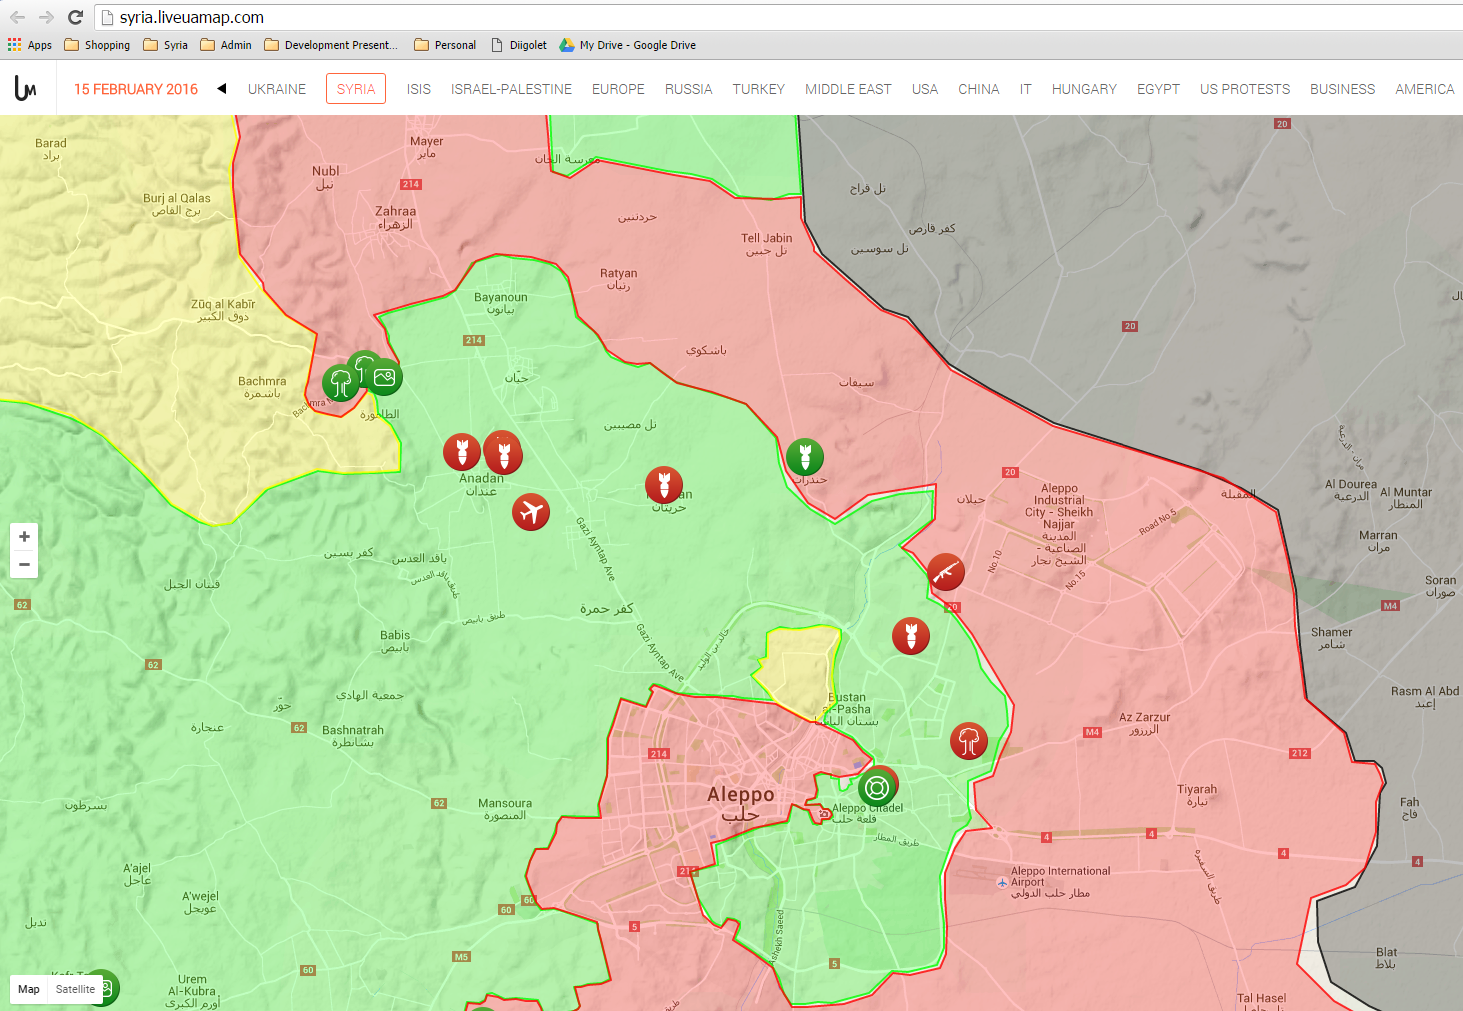 http://syria.liveuamap.com/